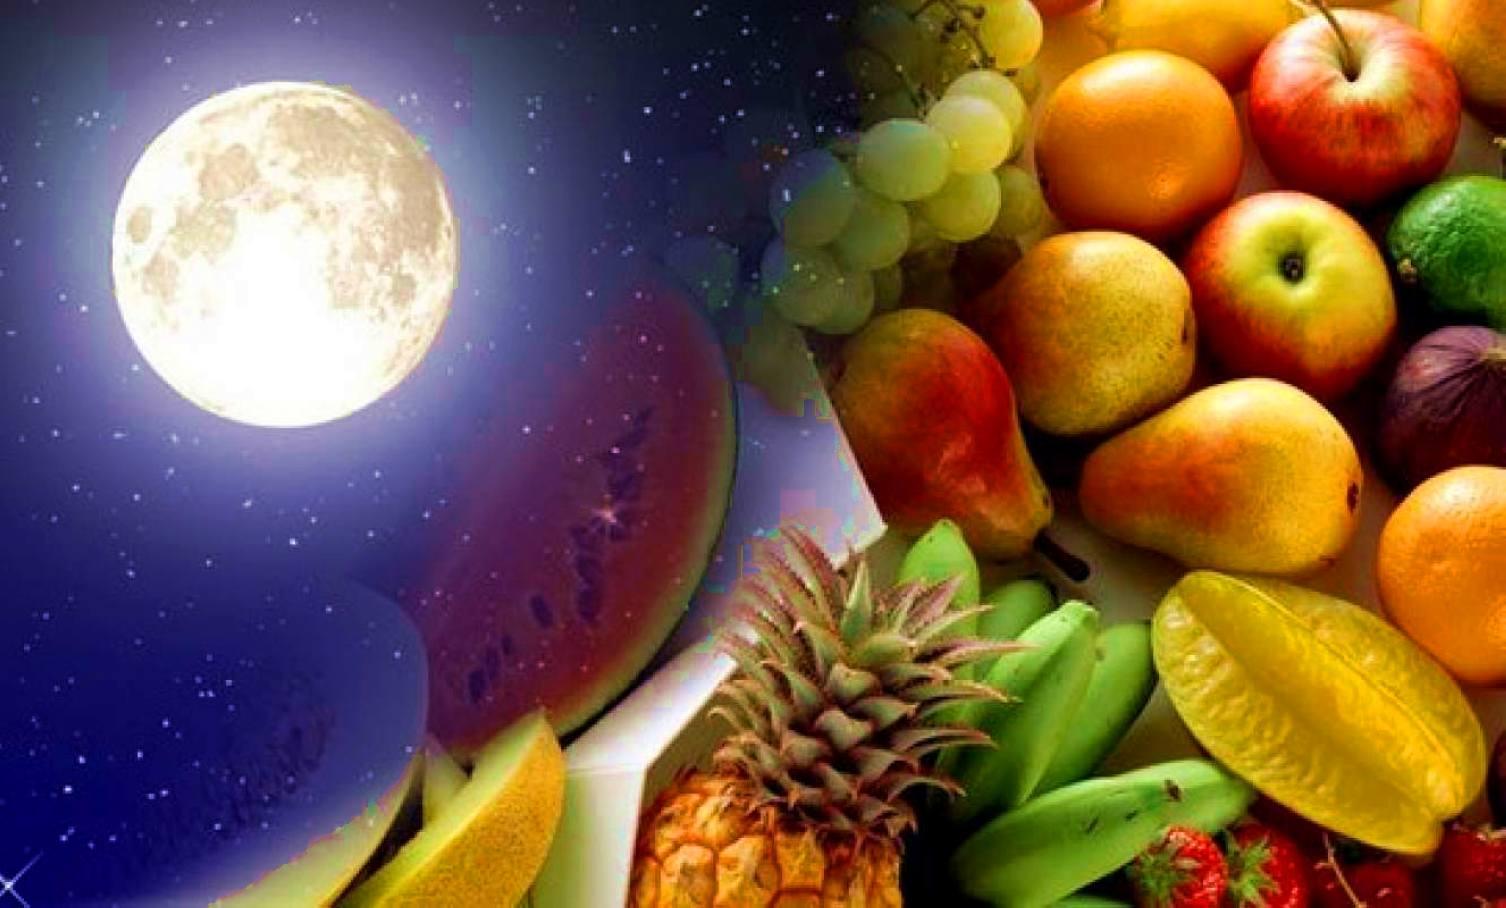 Как Похудеть По Лунной Диете. Лунный календарь питания